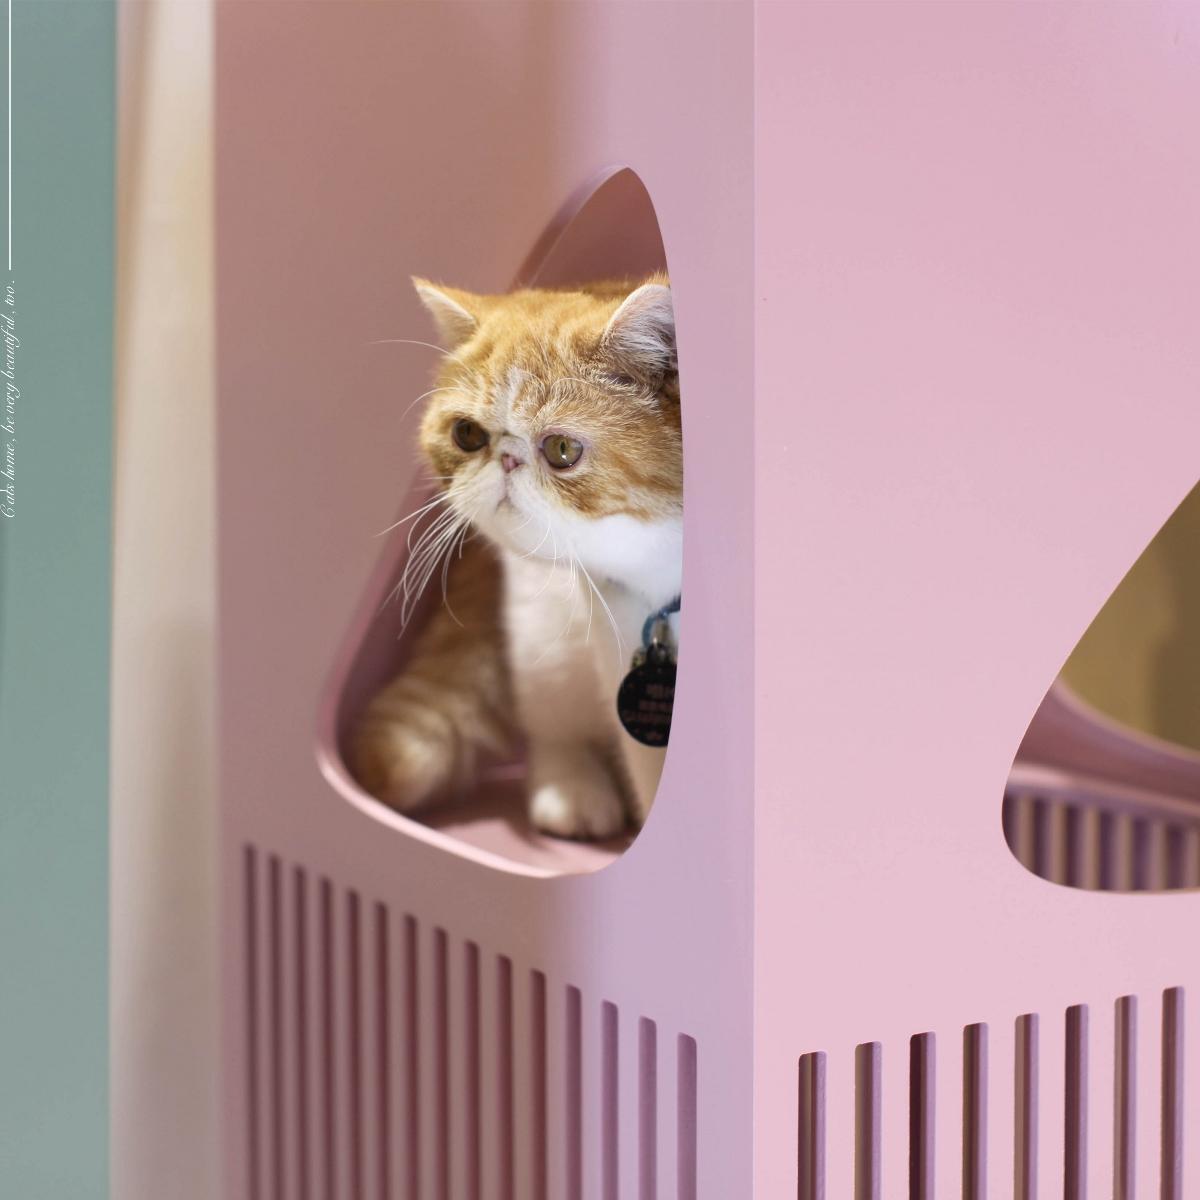 这是你见过最美的 猫爬架